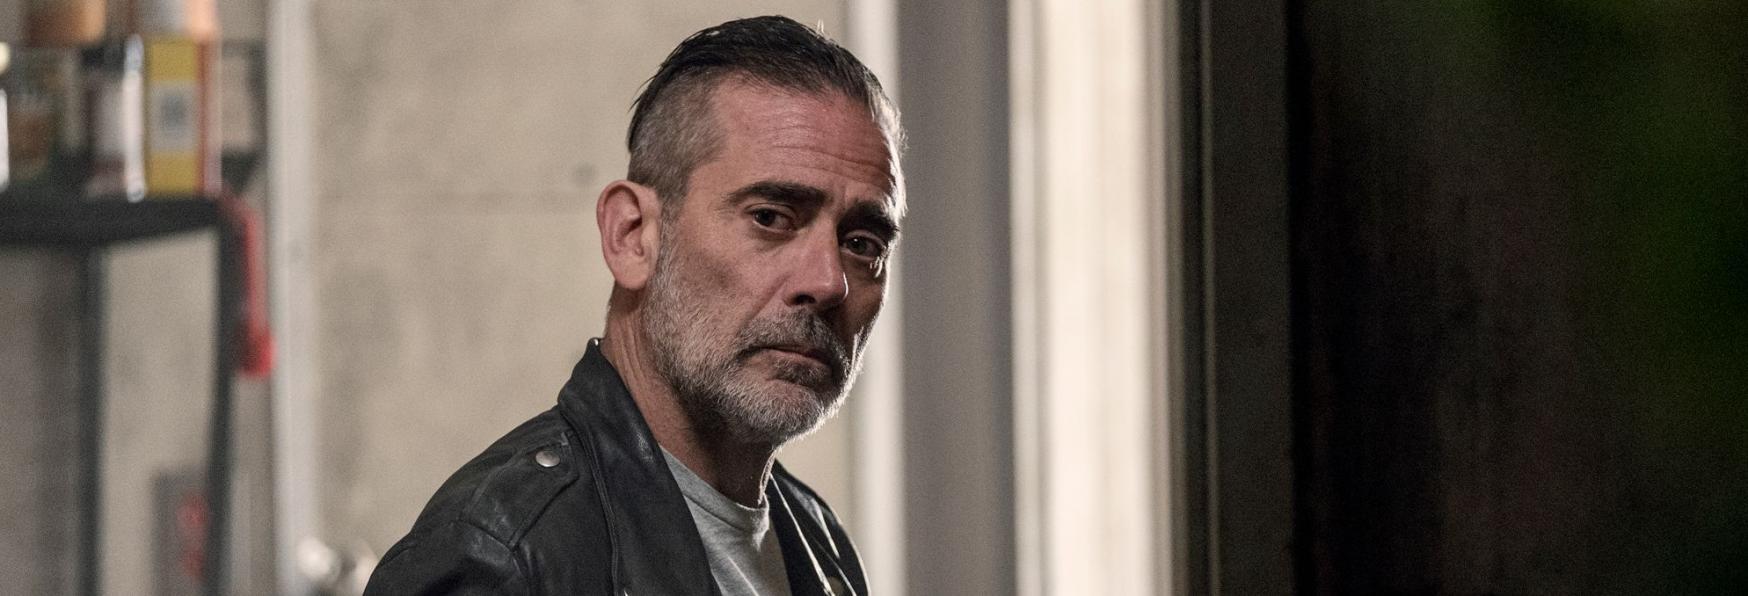 The Walking Dead 11: il Figlio di Jeffrey Dean Morgan nel Cast della Stagione Finale